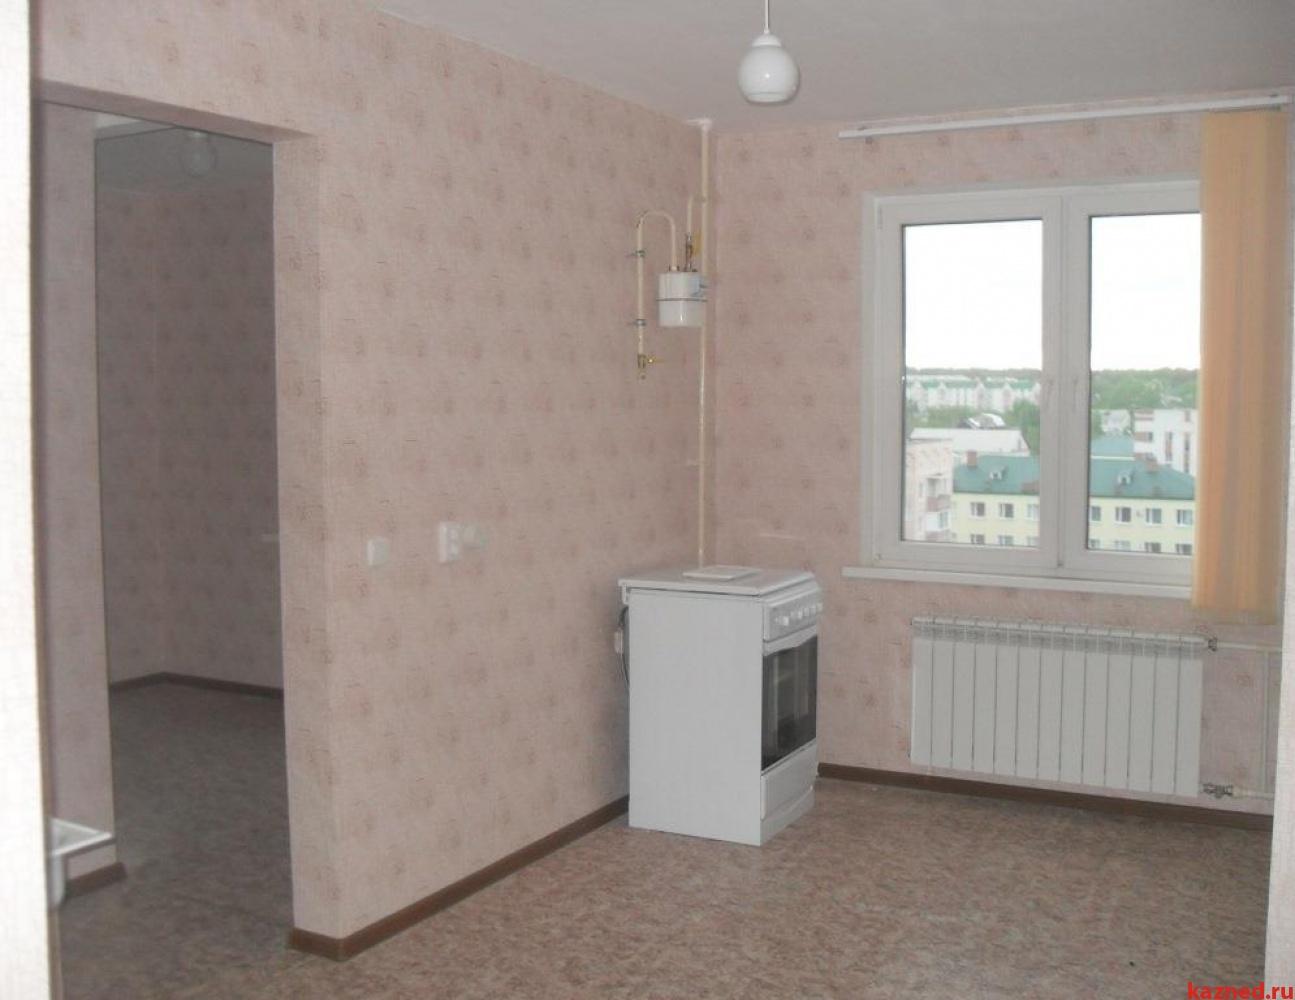 Продажа 2-к квартиры Привокзальная 52, 66 м2  (миниатюра №2)